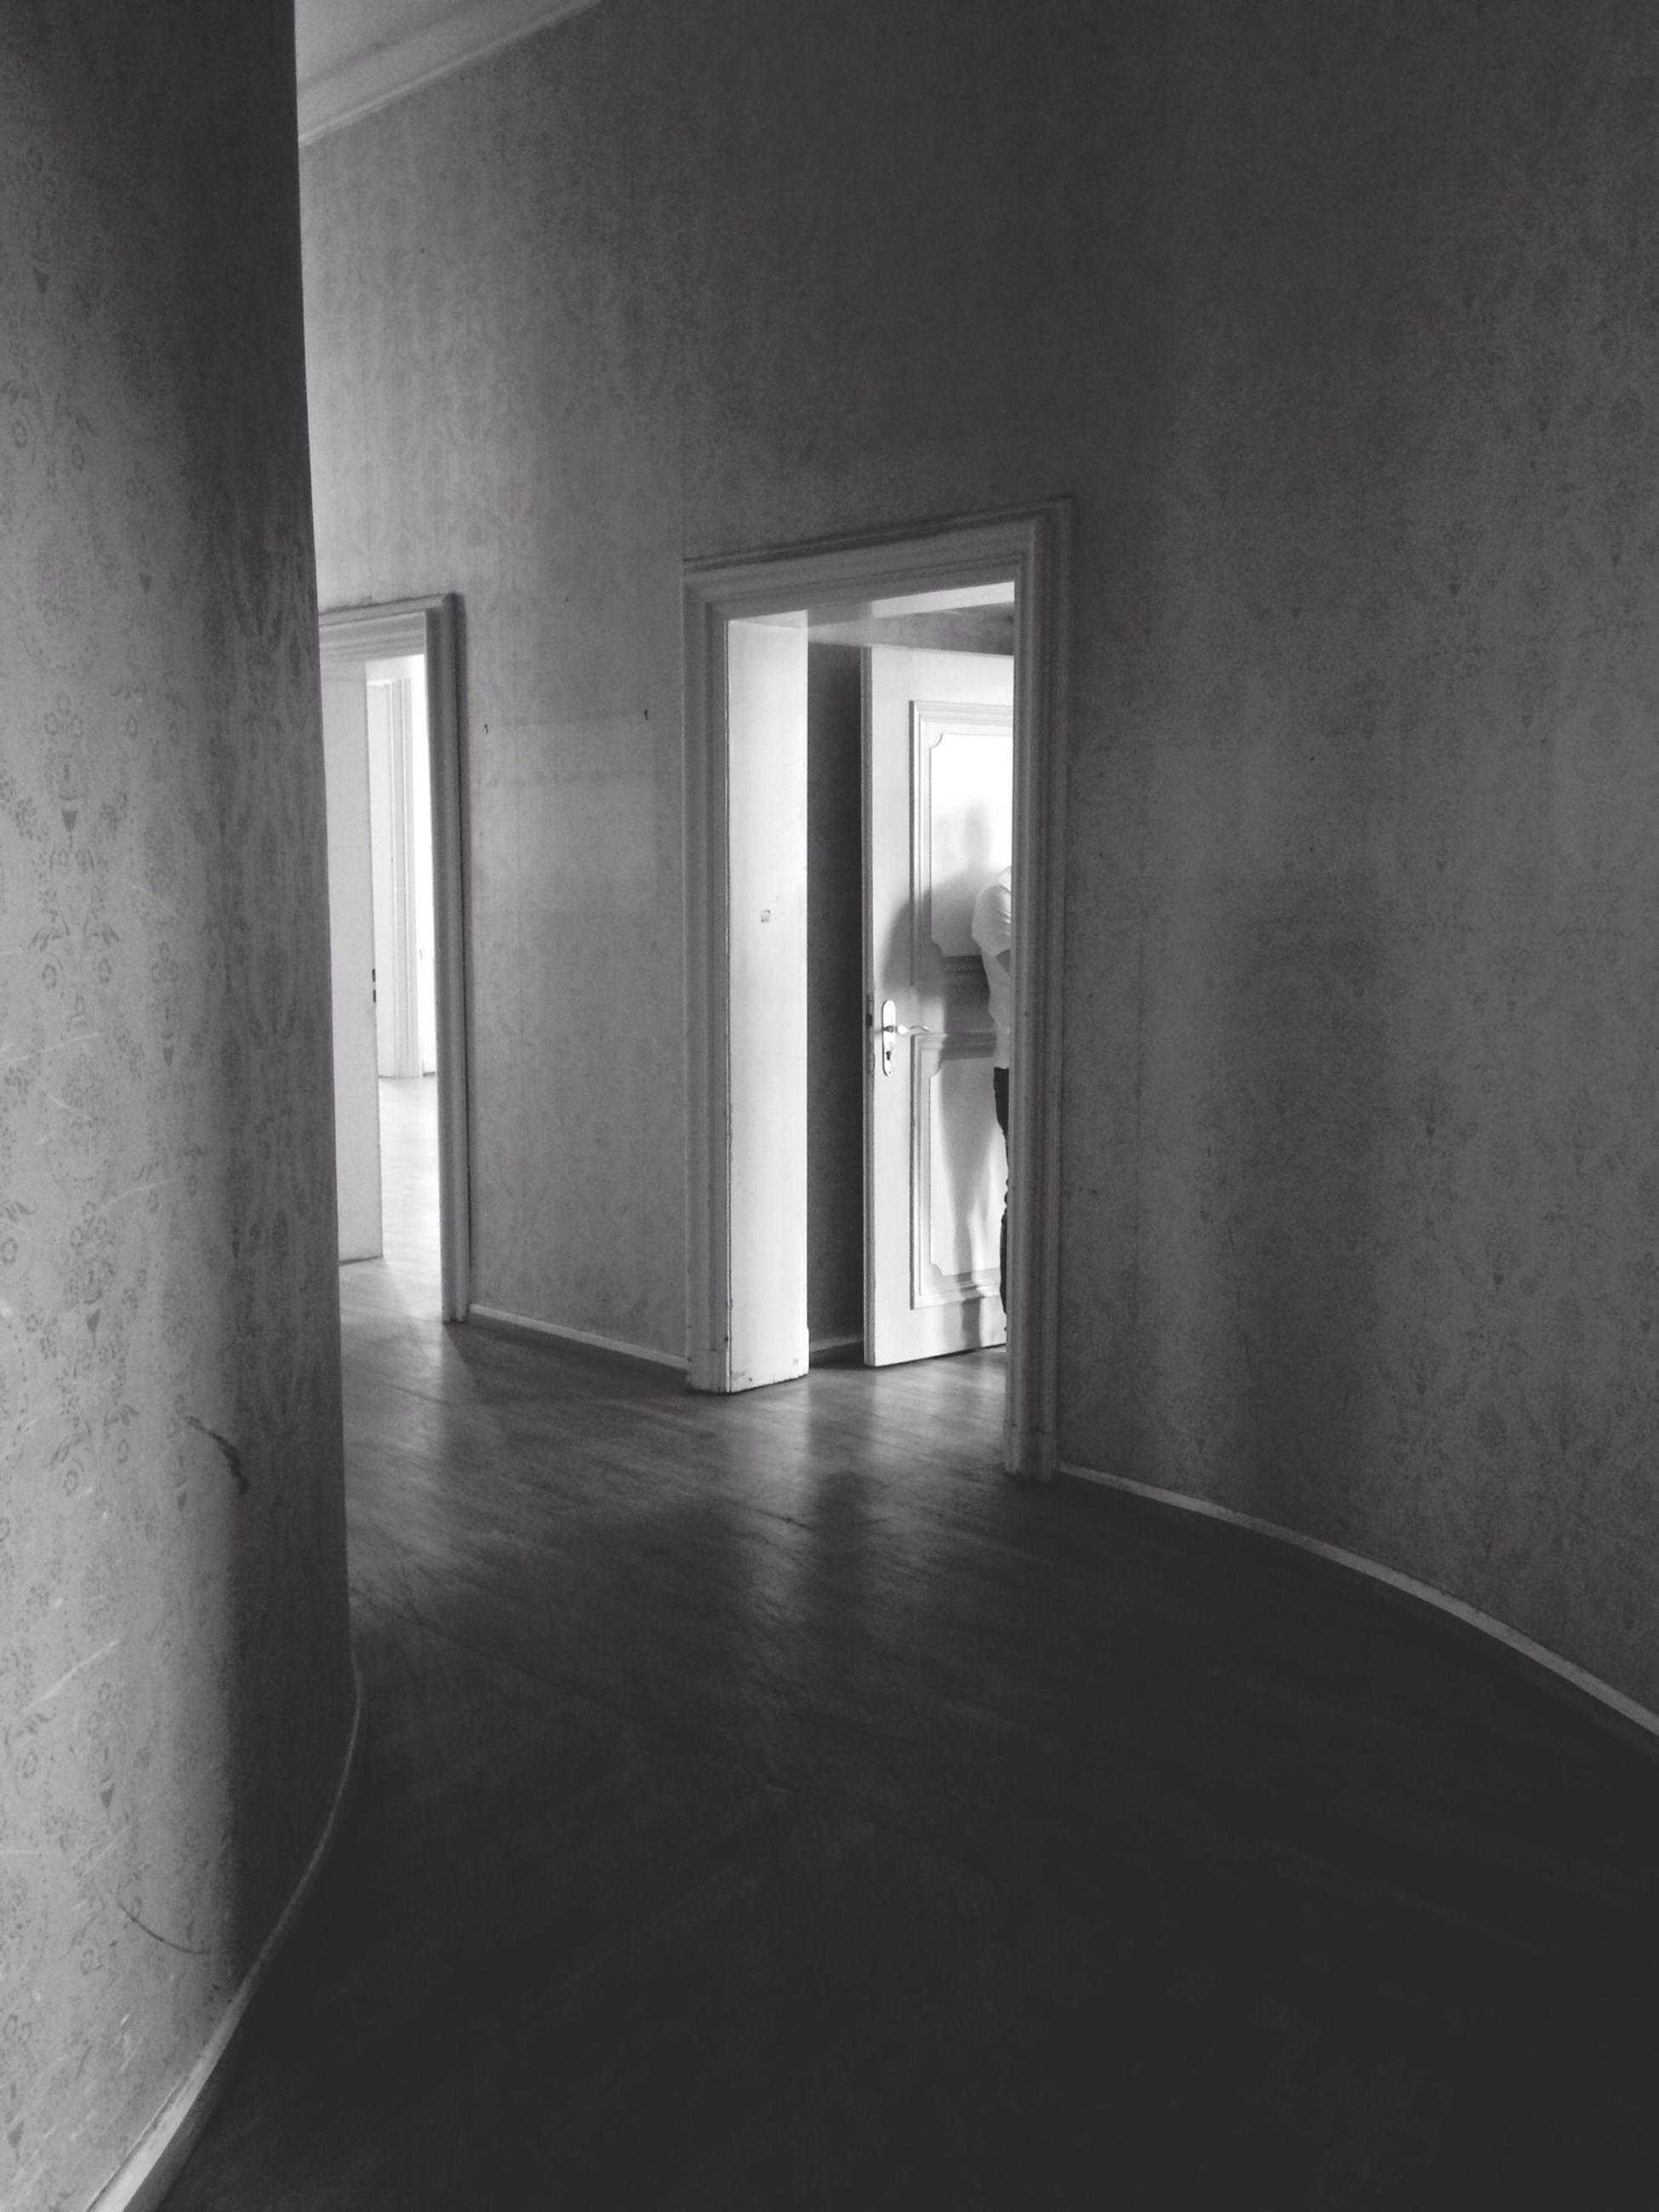 indoors, architecture, built structure, window, corridor, door, flooring, empty, home interior, absence, house, wall - building feature, doorway, wall, sunlight, building, day, no people, narrow, tiled floor